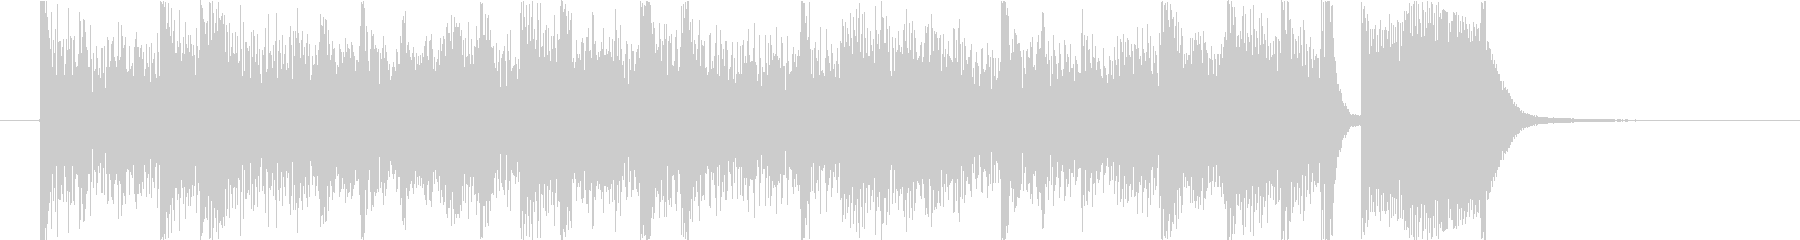 デジタルなミニマルショートBGMの未再生の波形